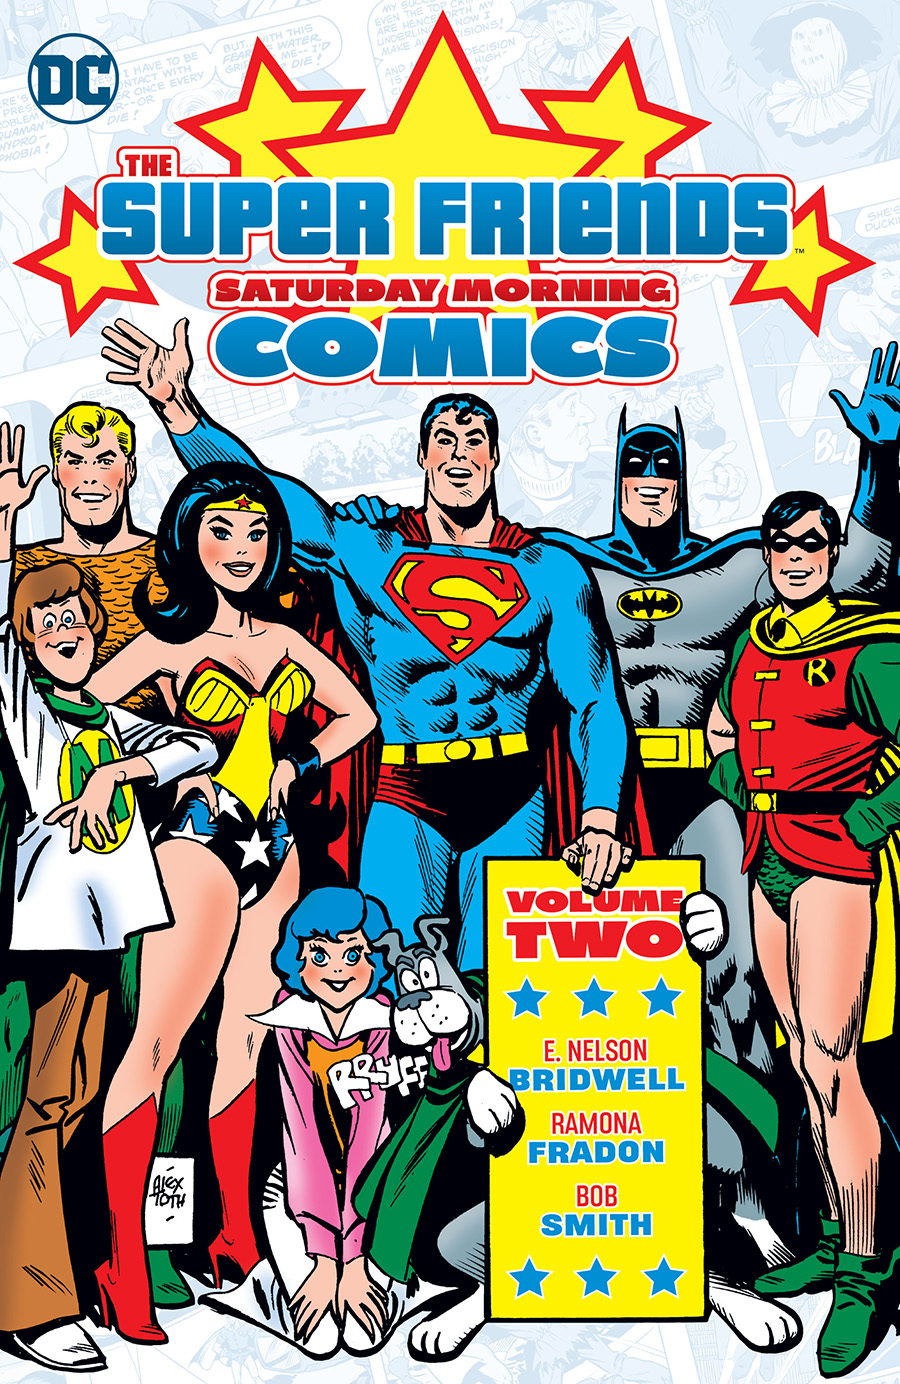 Super Friends Saturday Morning Comics Vol 2 HC